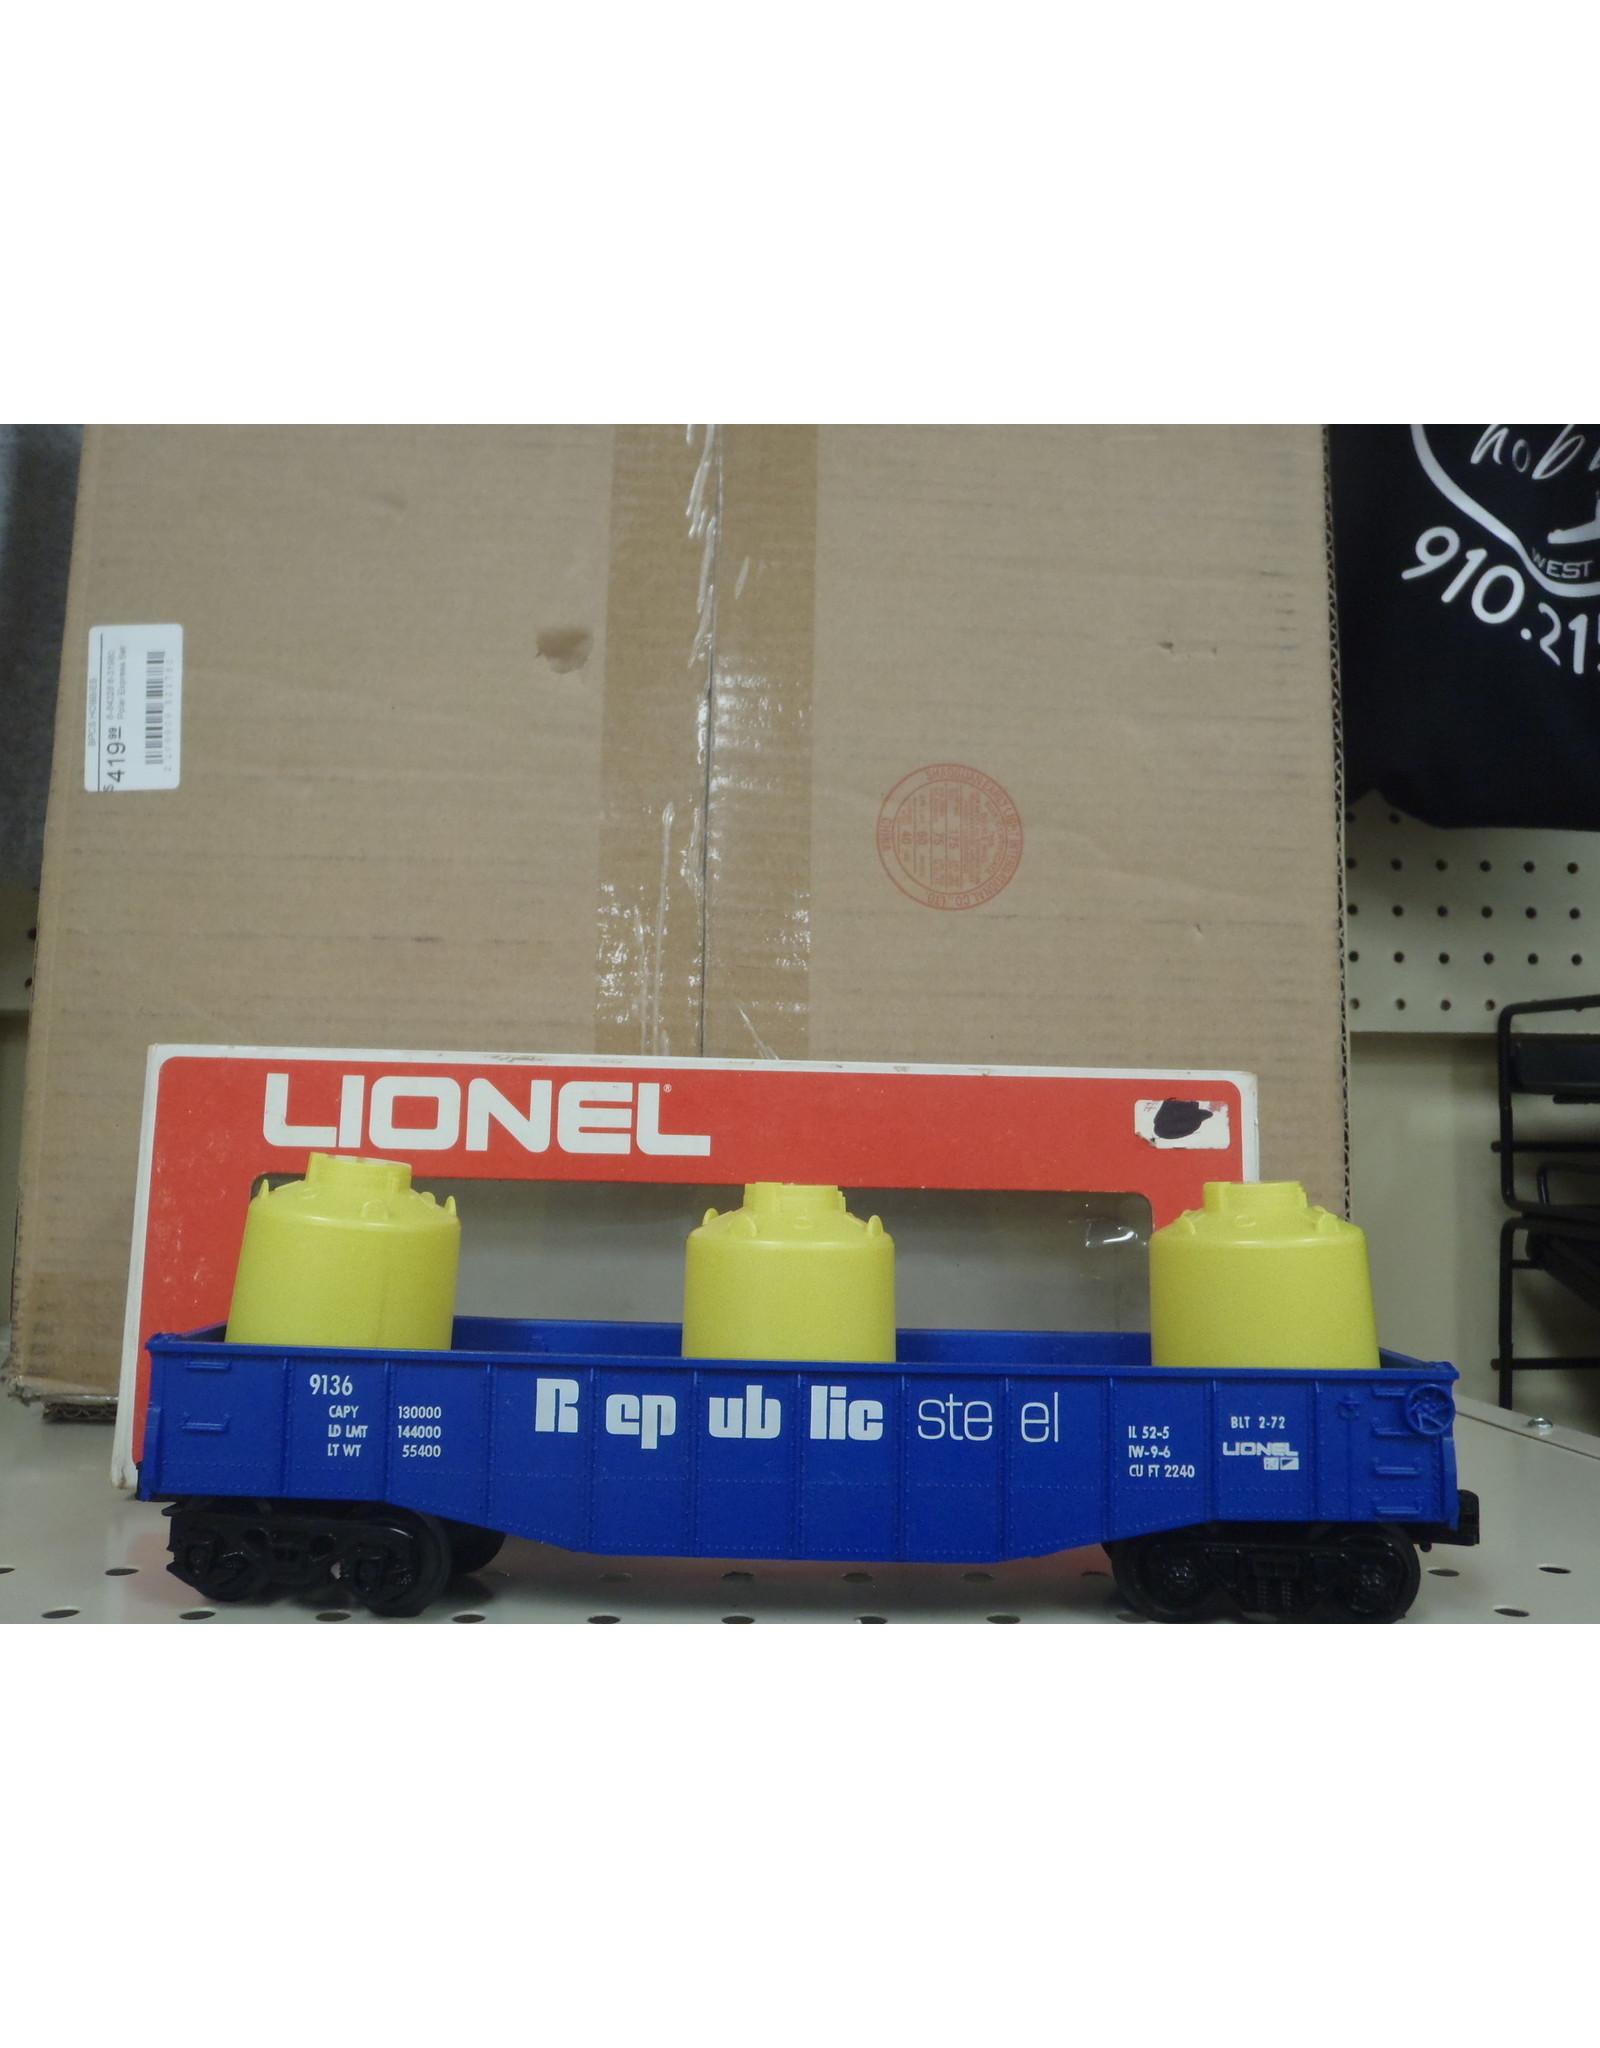 Lionel Republic Steel O scale